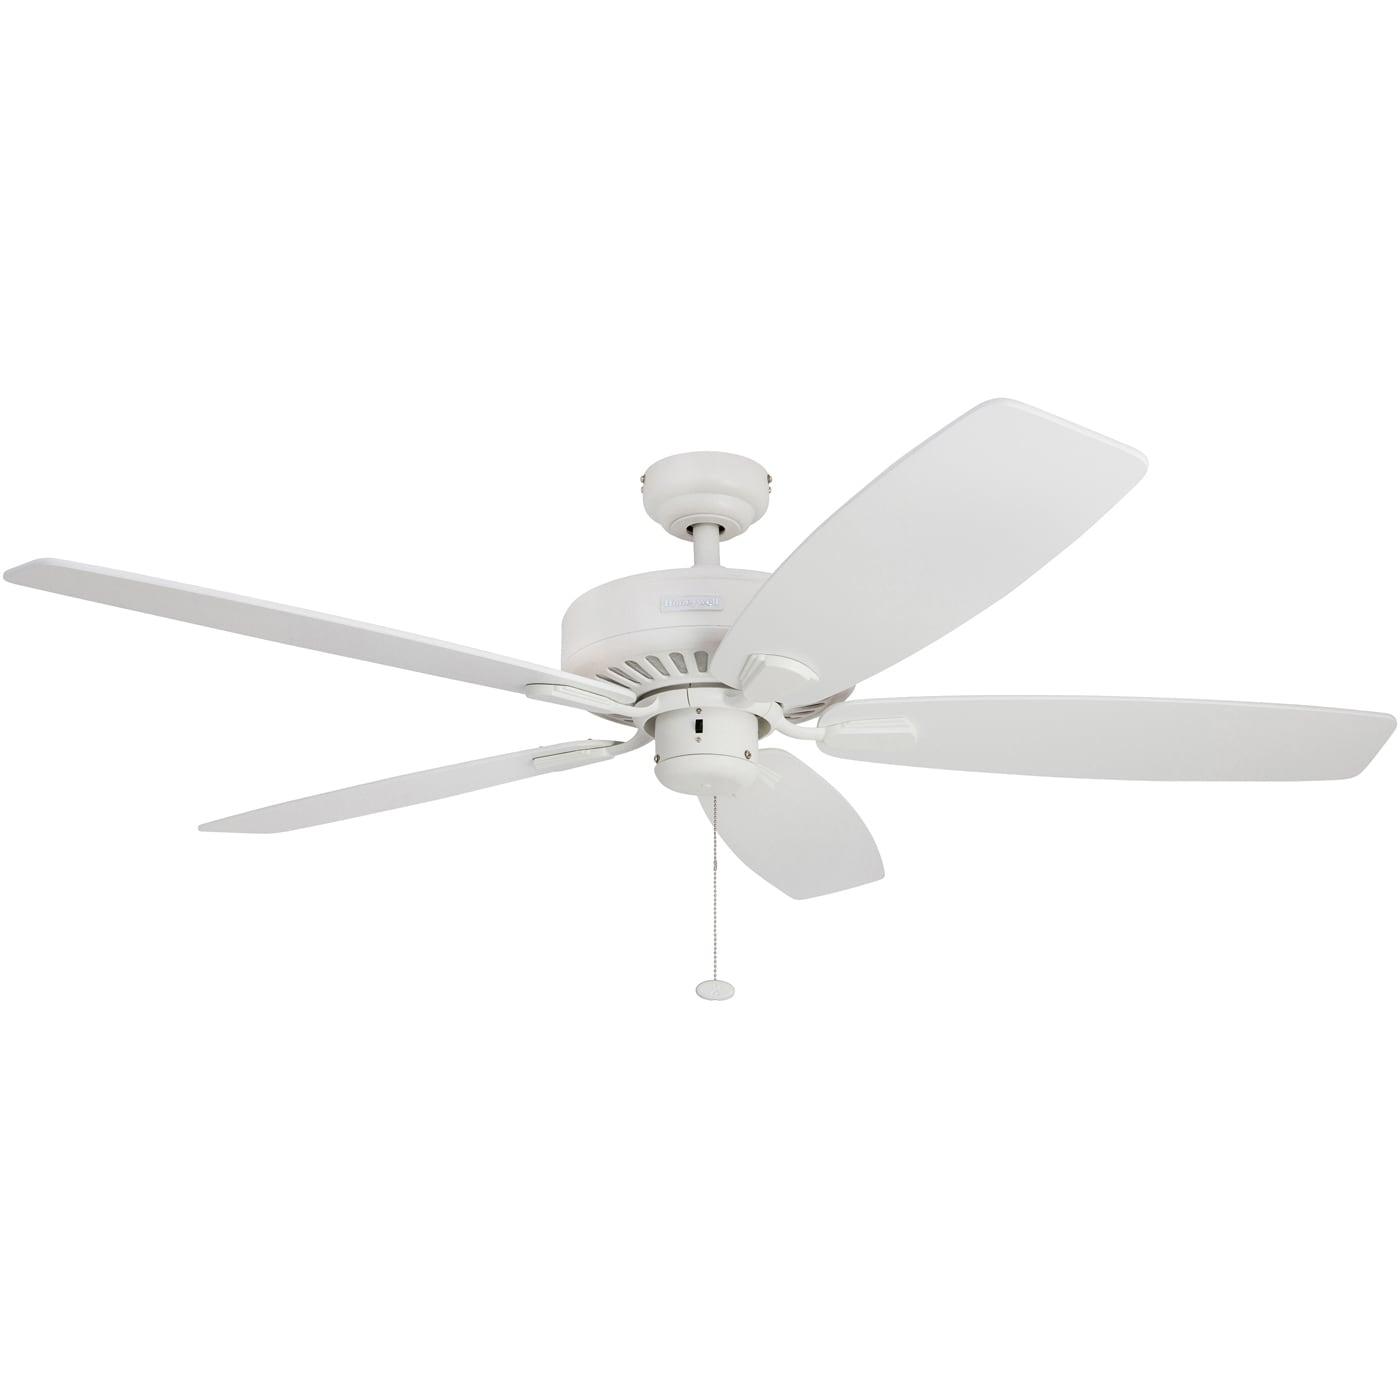 Honeywell ceiling fan control